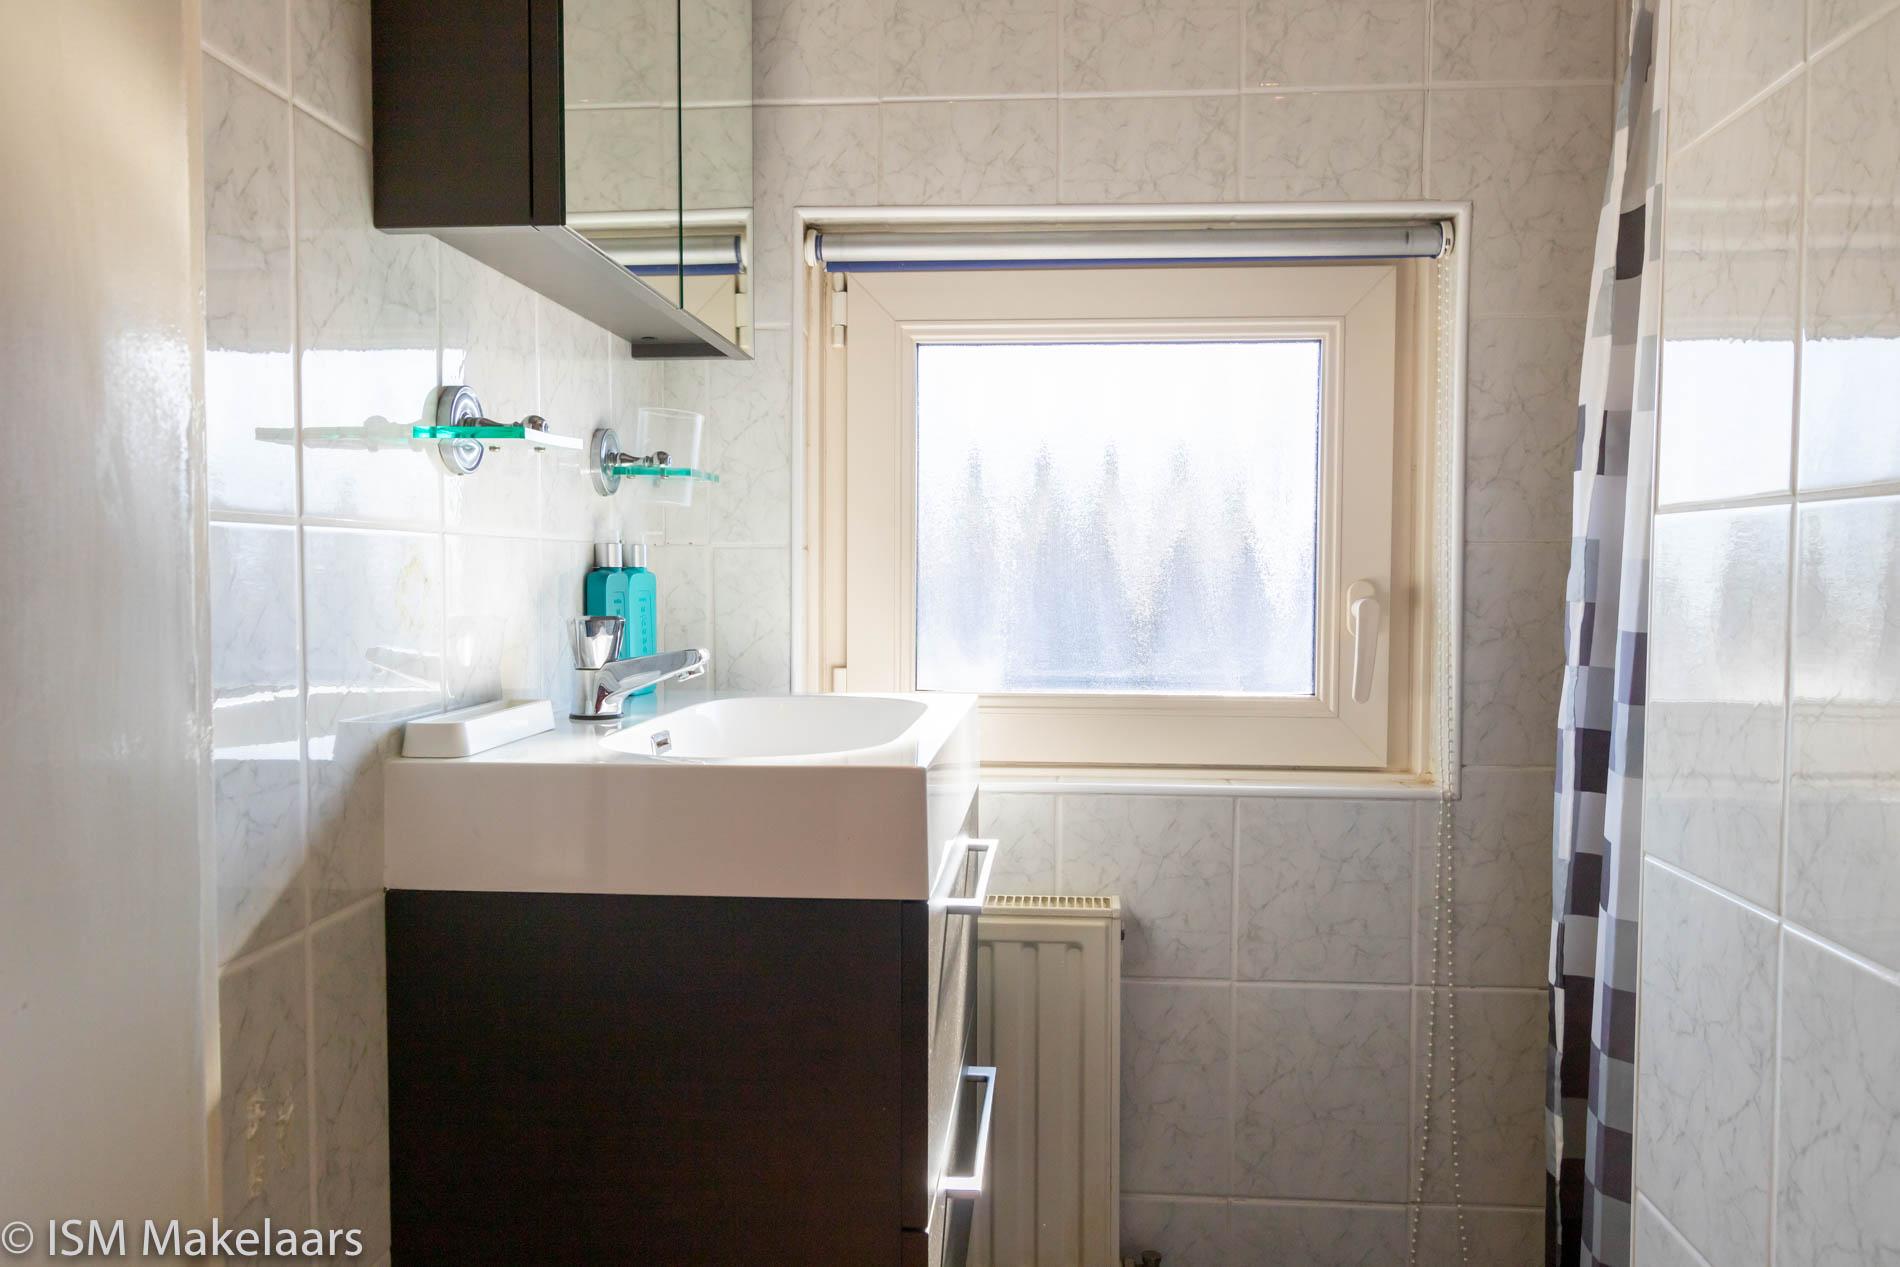 badkamer dijkwelsestraat 54 kapelle ism makelaars